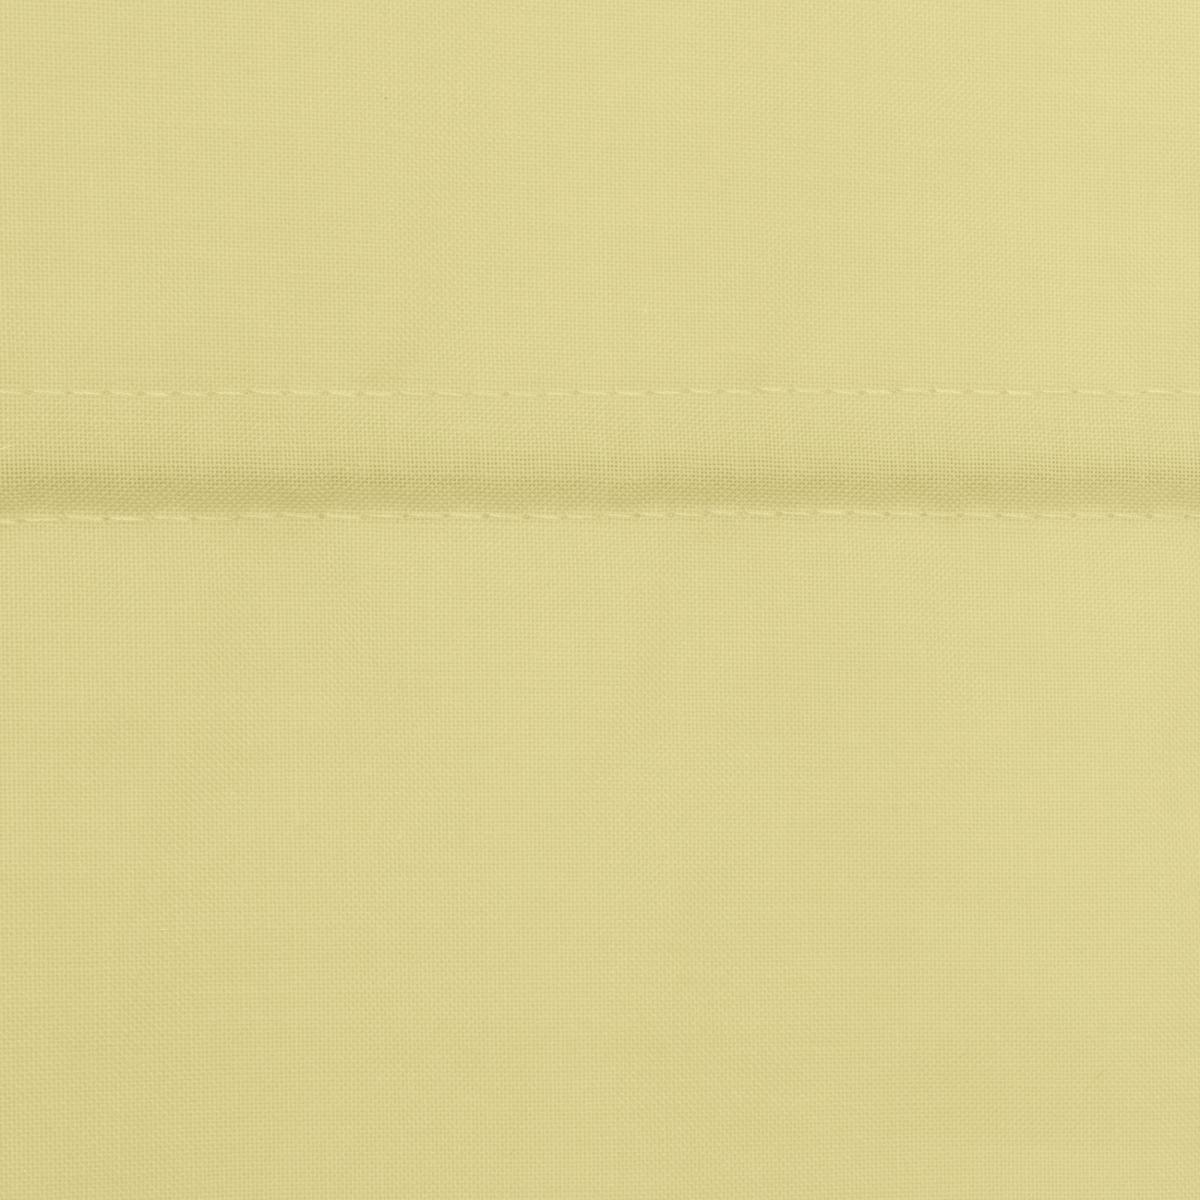 Bild 5 von Lichtblick Raffrollo Klemmfix TOP, ohne Bohren, verspannt Gelb, 110 cm x 130 cm (B x L)